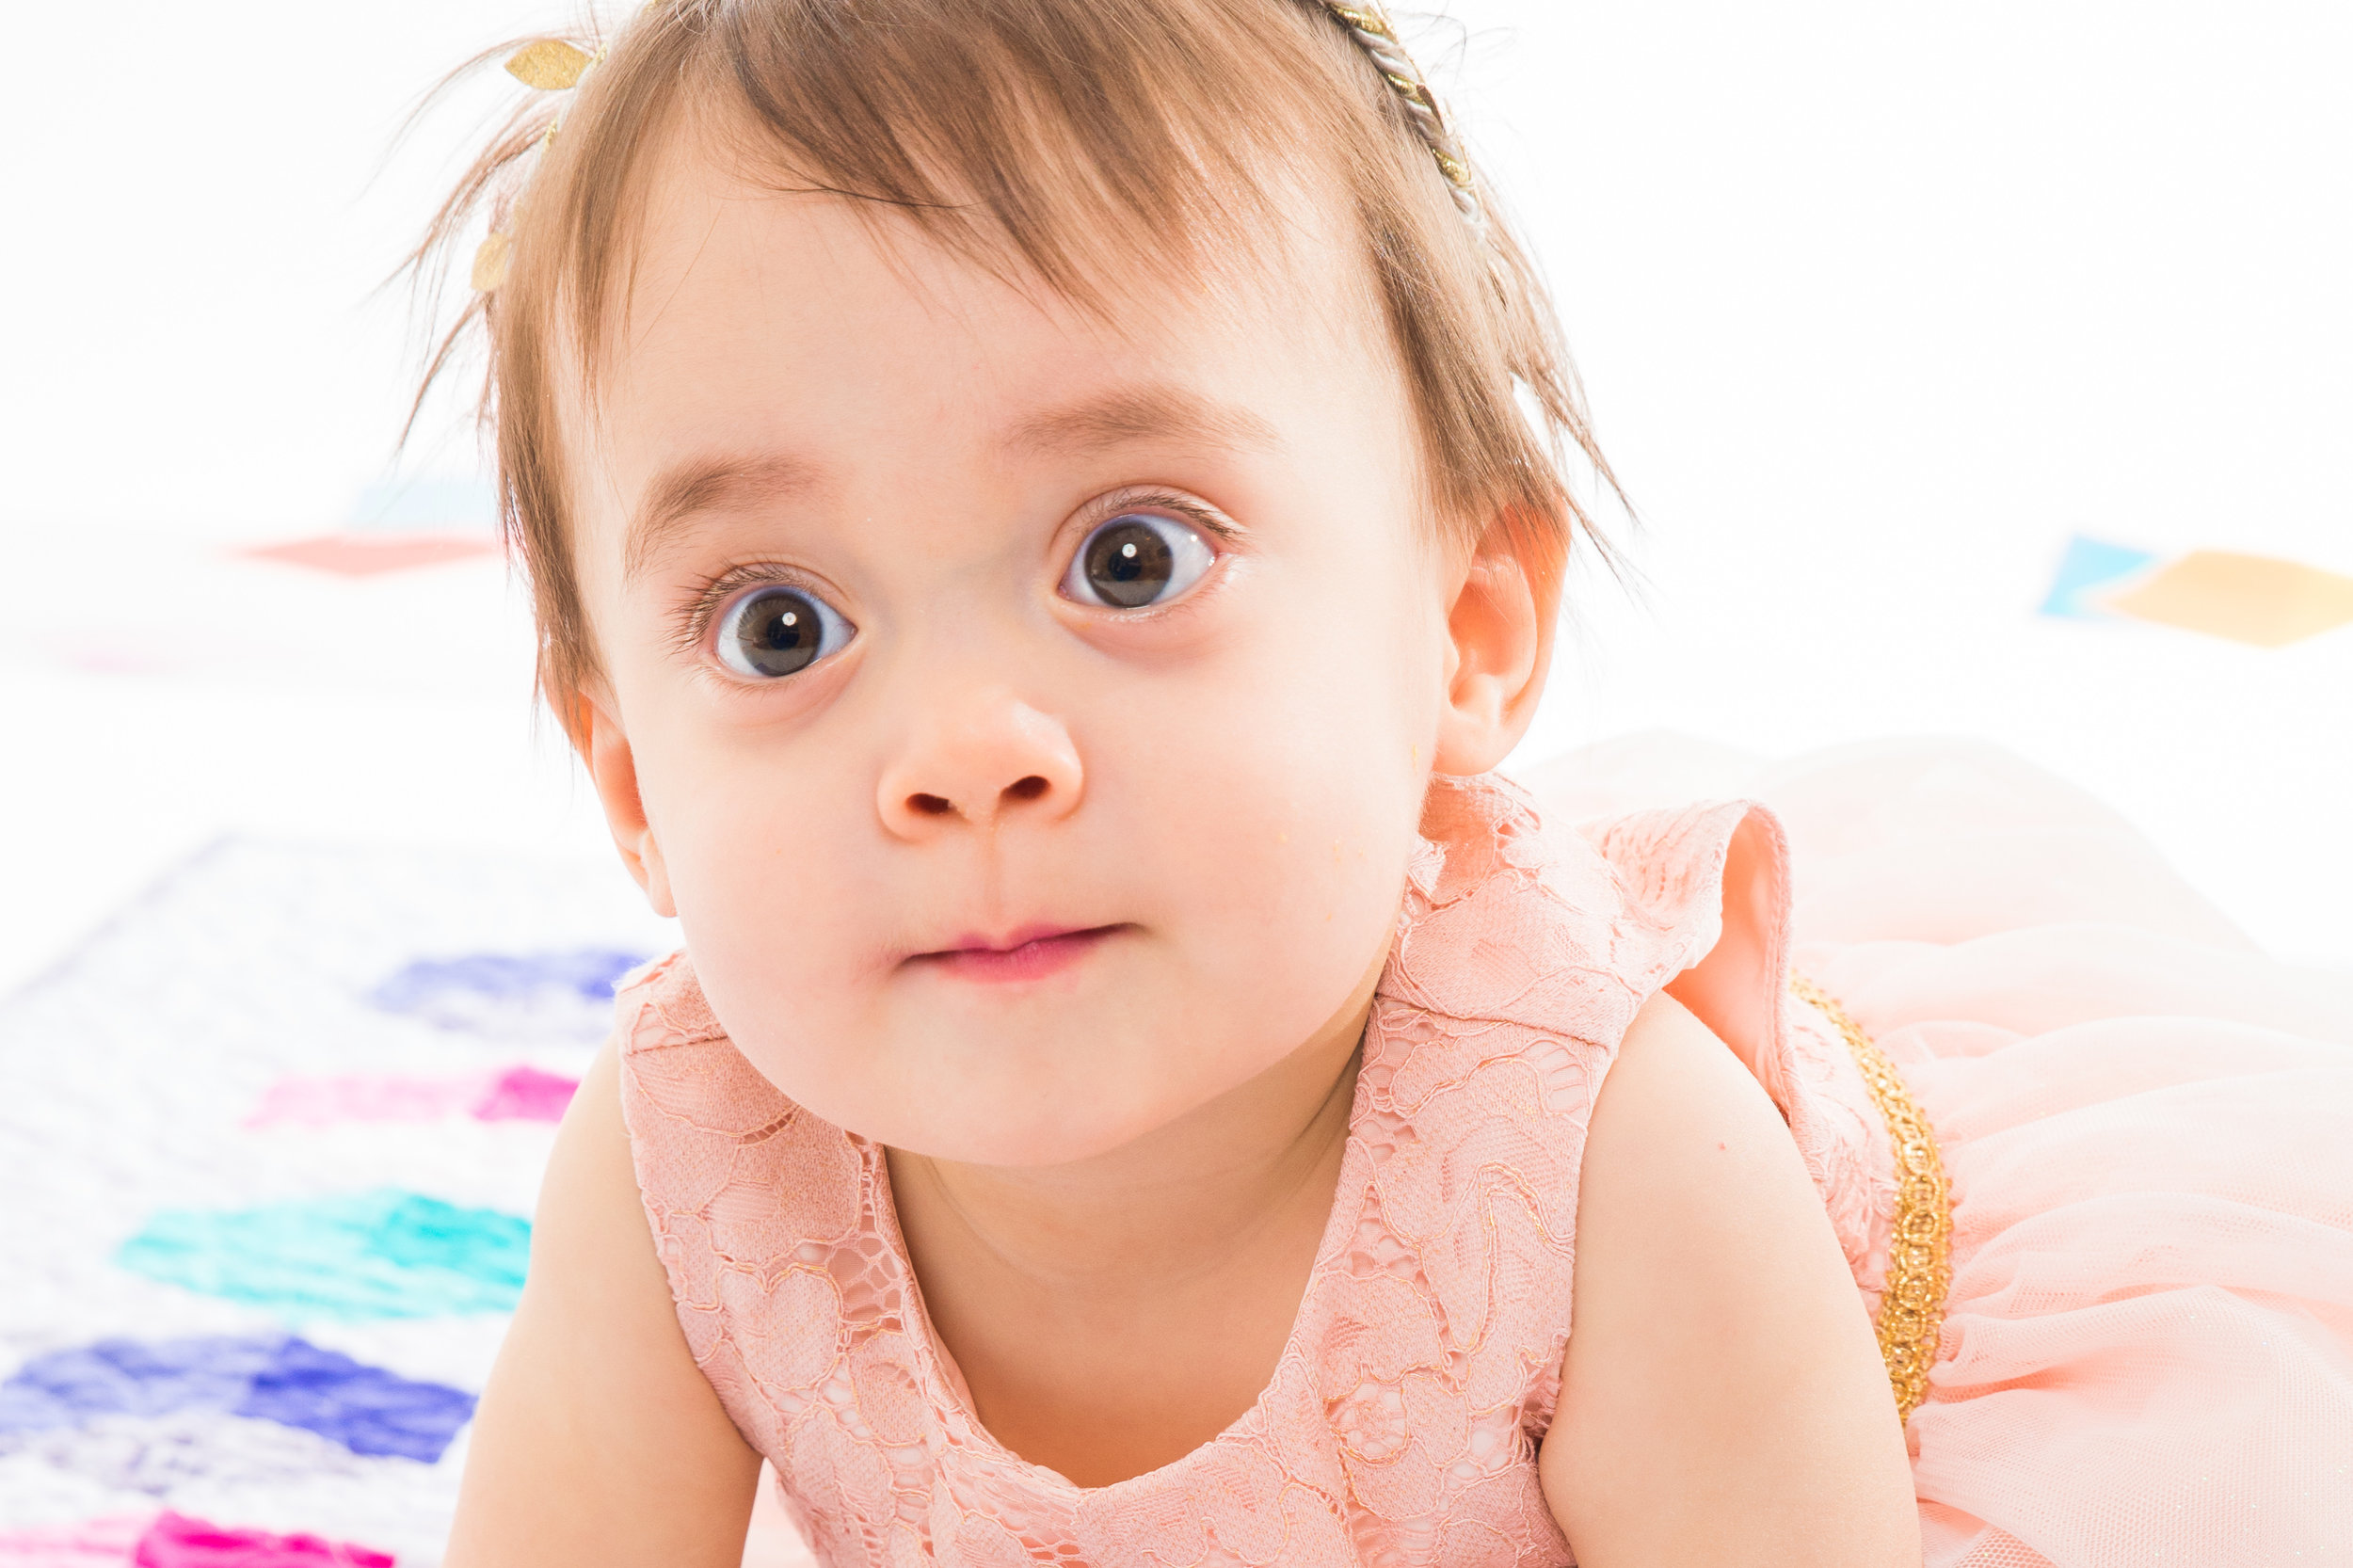 2018_February_04-Veronica_Sullivan_One_Year_Baby_Pics-44949.jpg